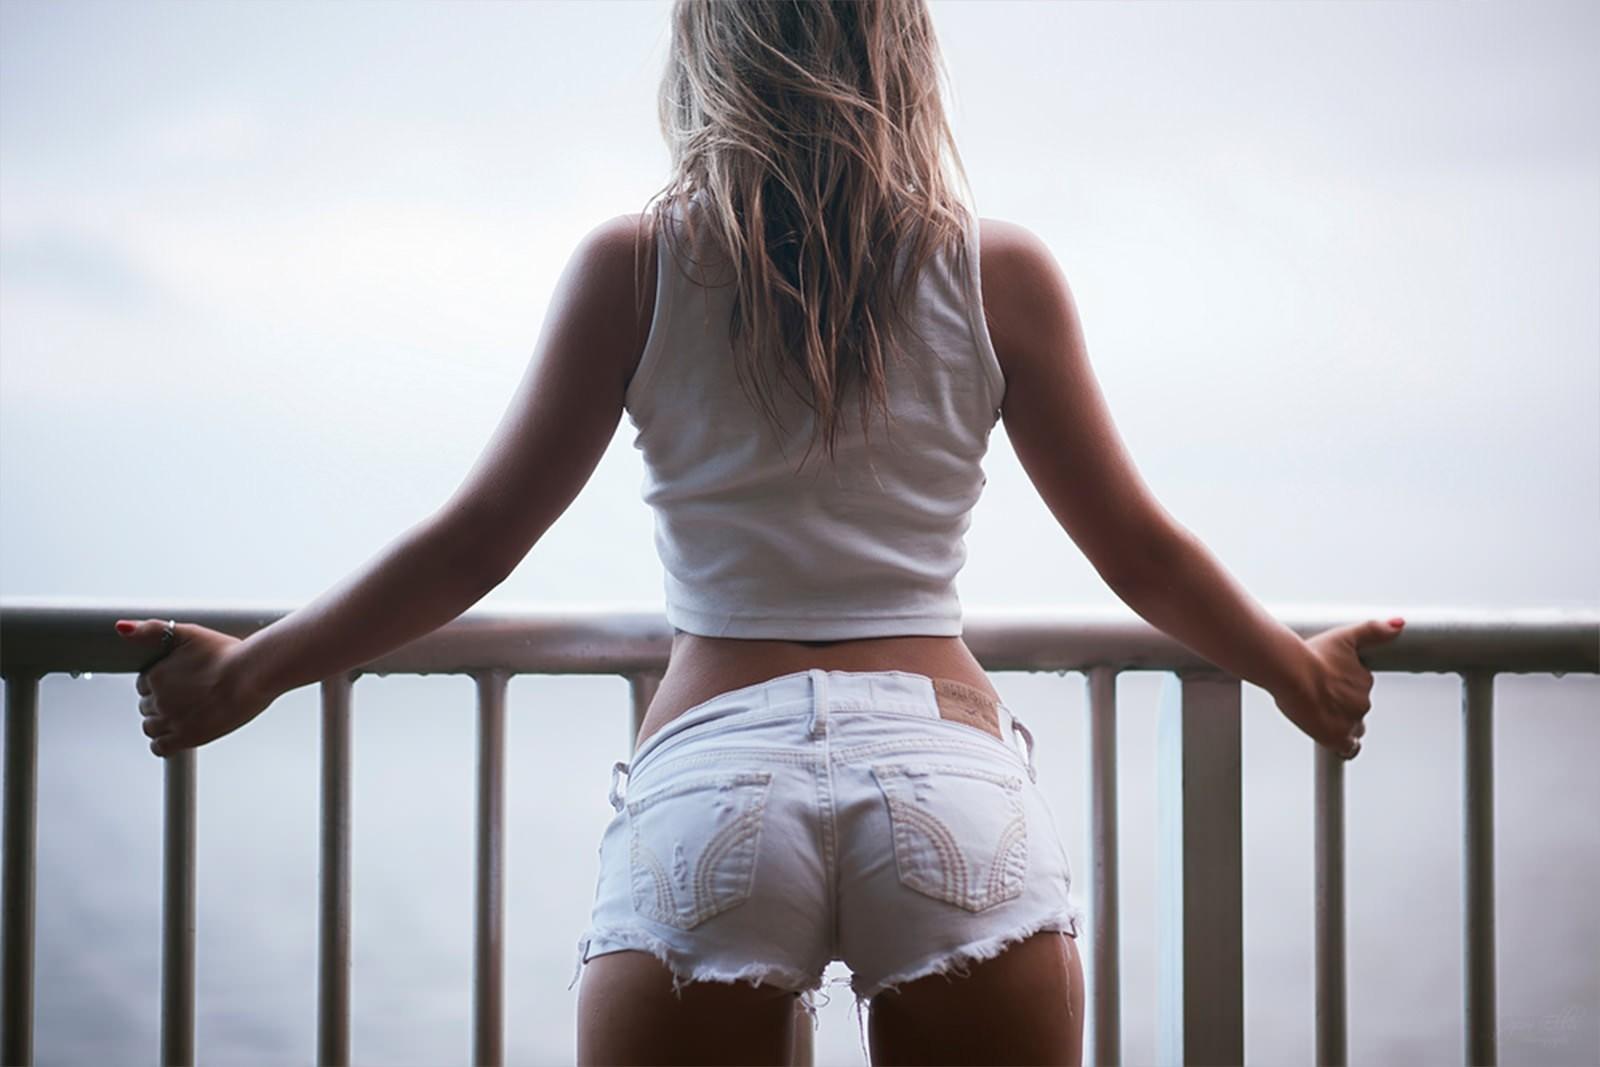 Фото попки блондинки #2